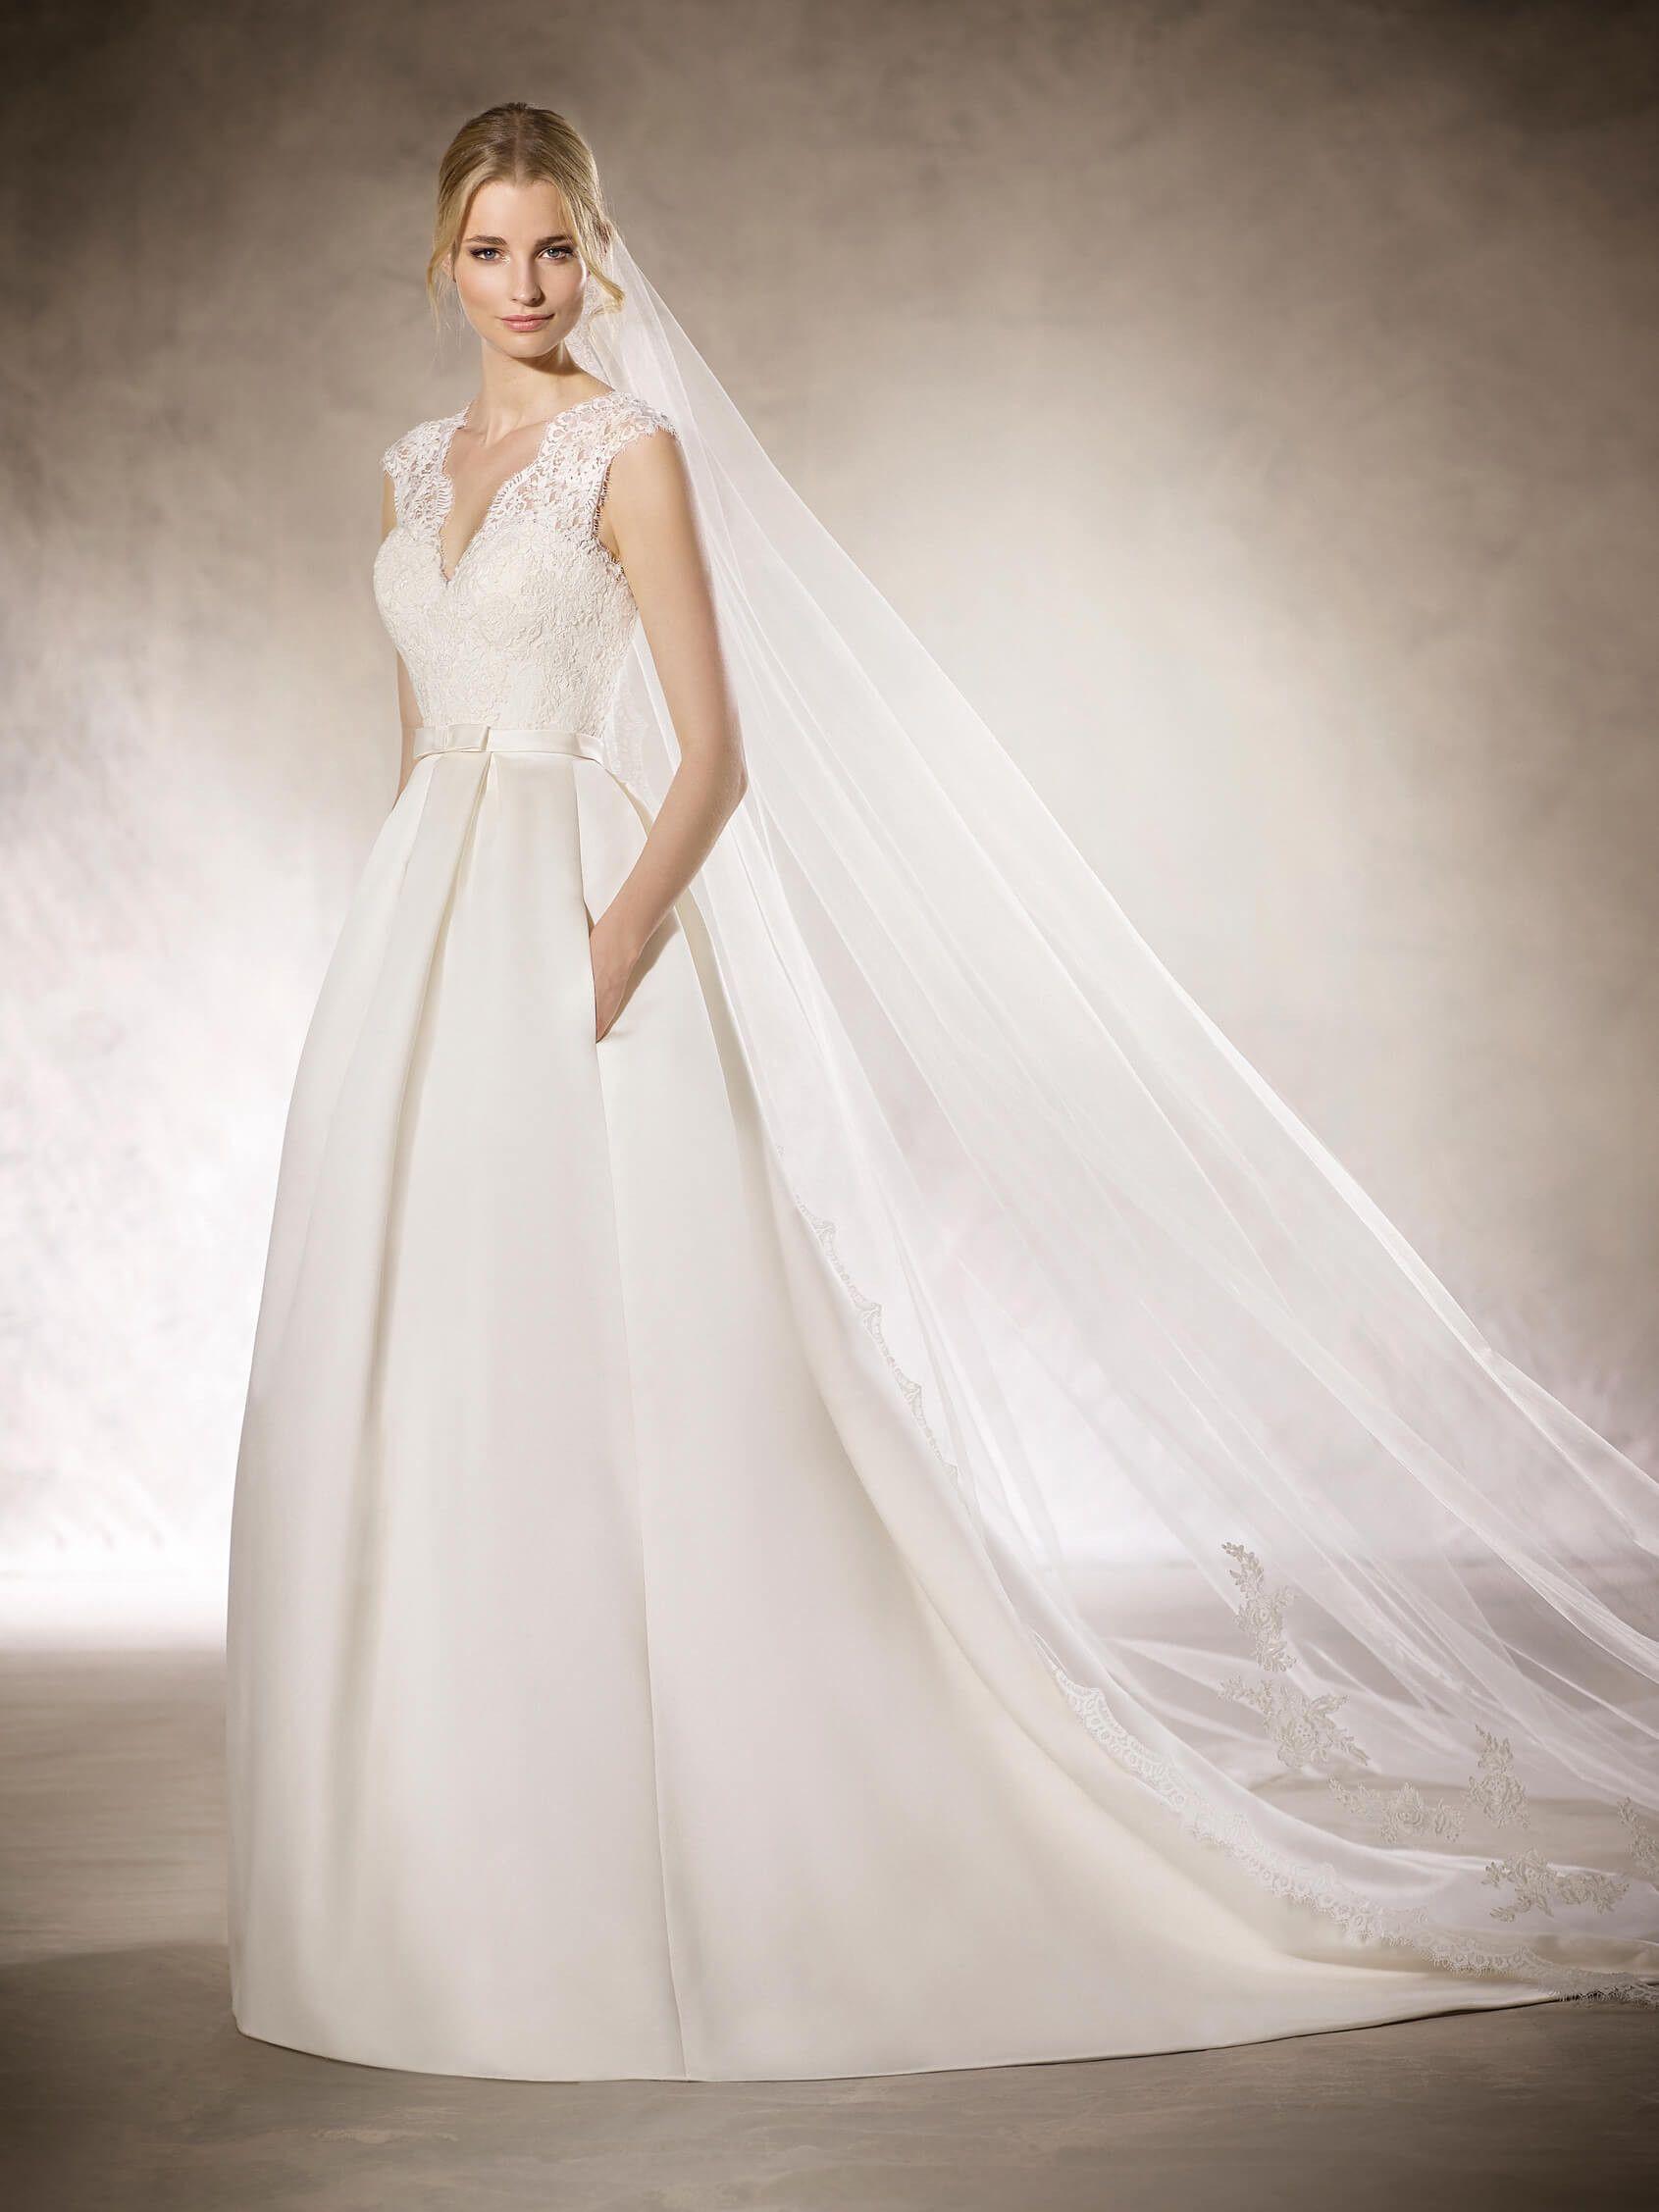 HYRIA is a spectacular princess wedding dress with a V-neckline and ...